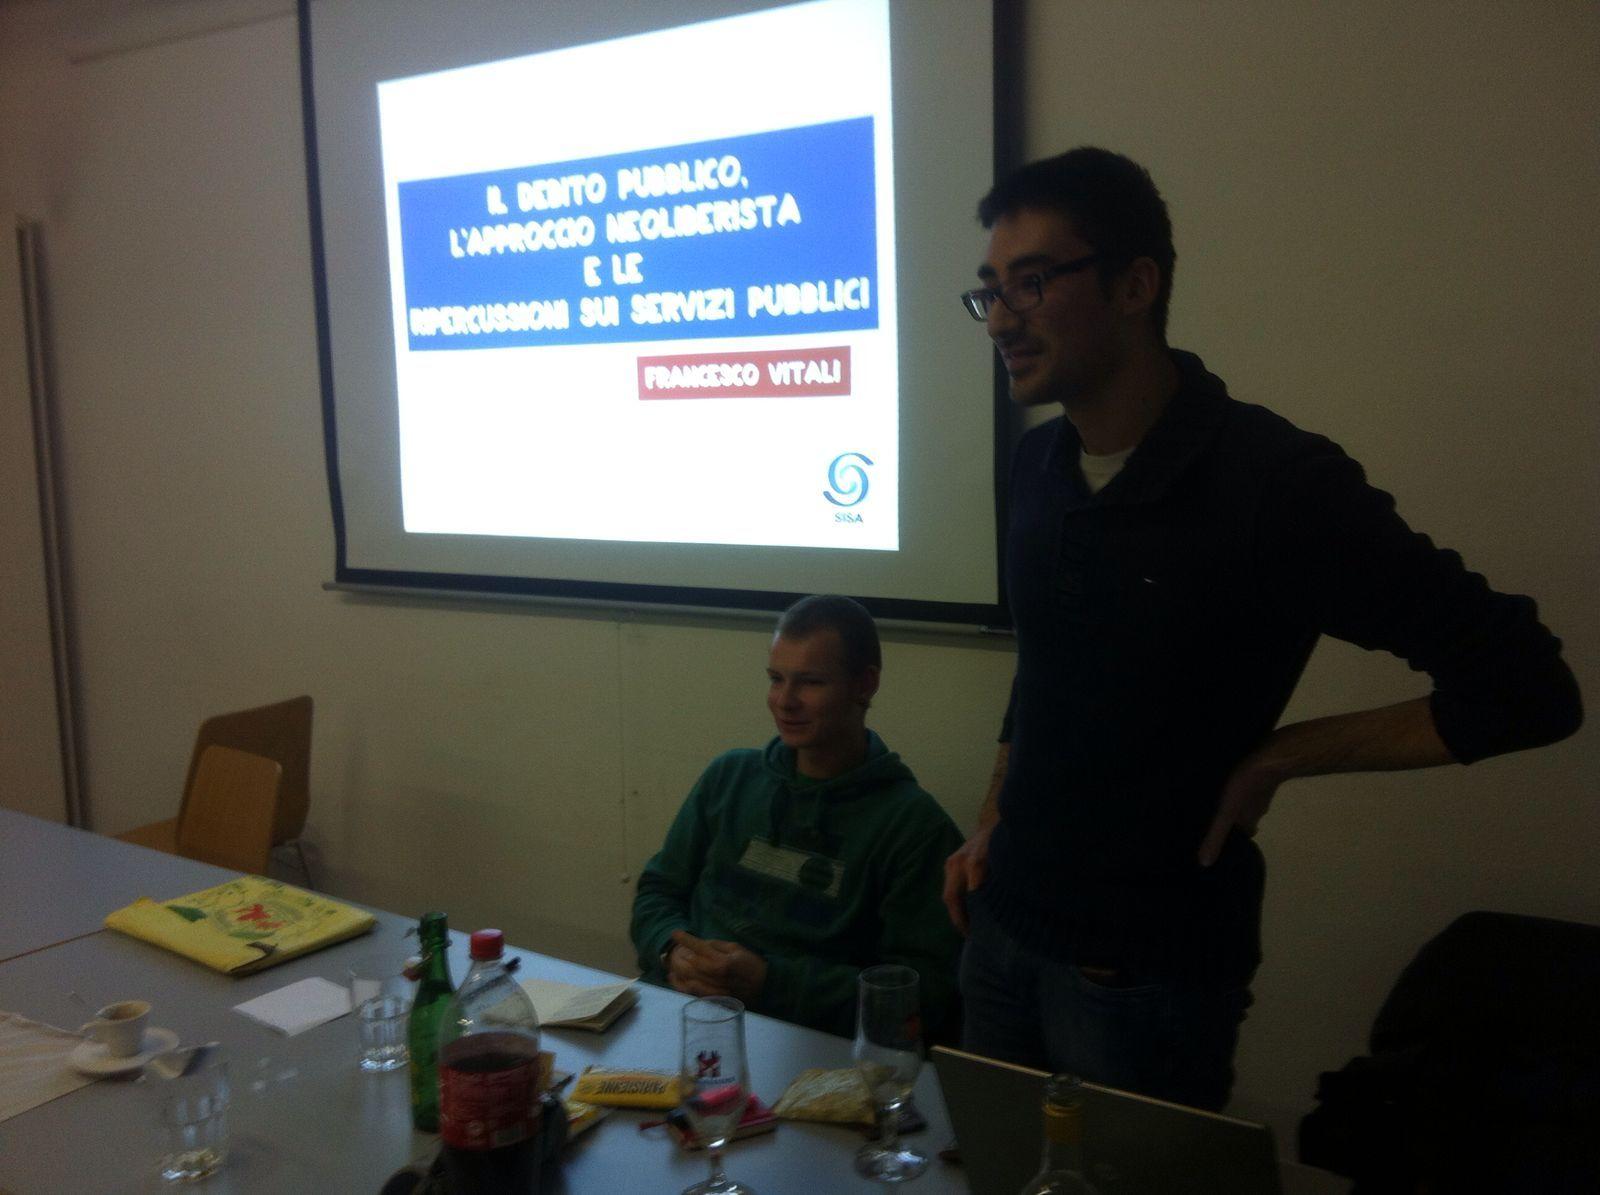 Gli altri due relatori: F. Vitali e Z. Casella